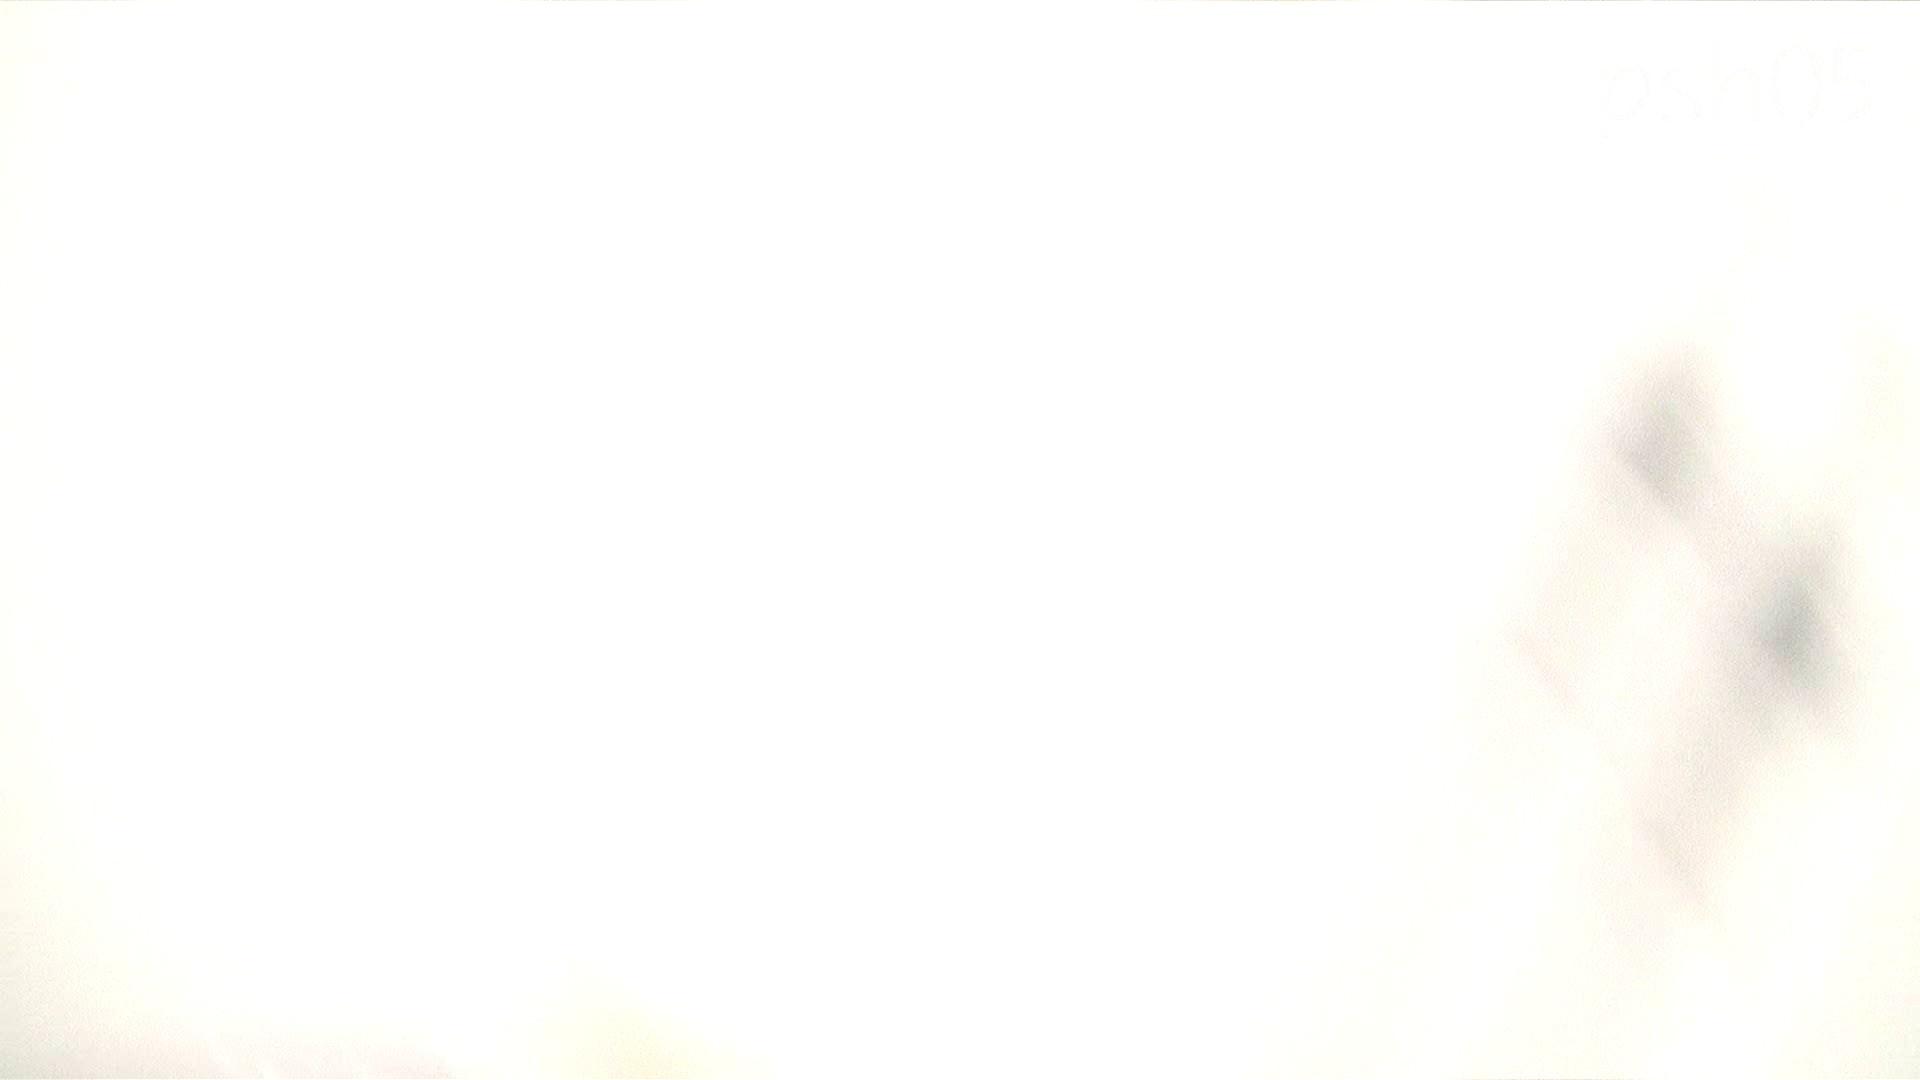 ▲復活限定▲ハイビジョン 盗神伝 Vol.5 期間限定動画 戯れ無修正画像 111枚 47